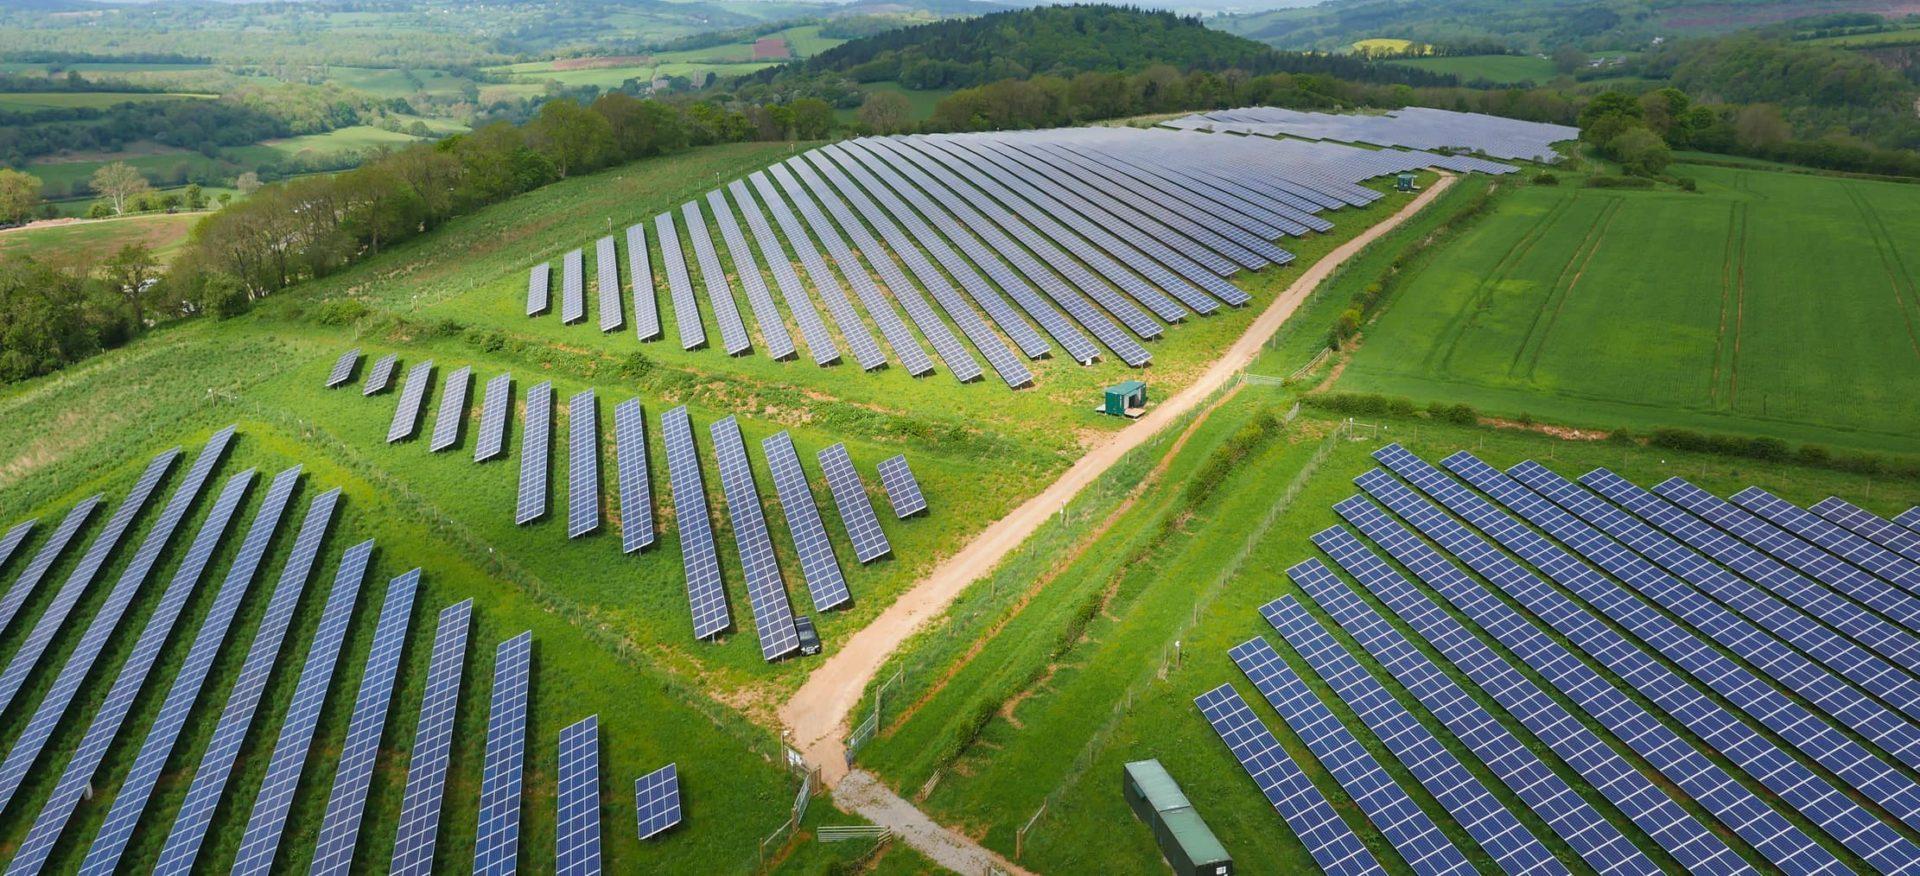 coleford_milkwall_goldbeck-solar_2